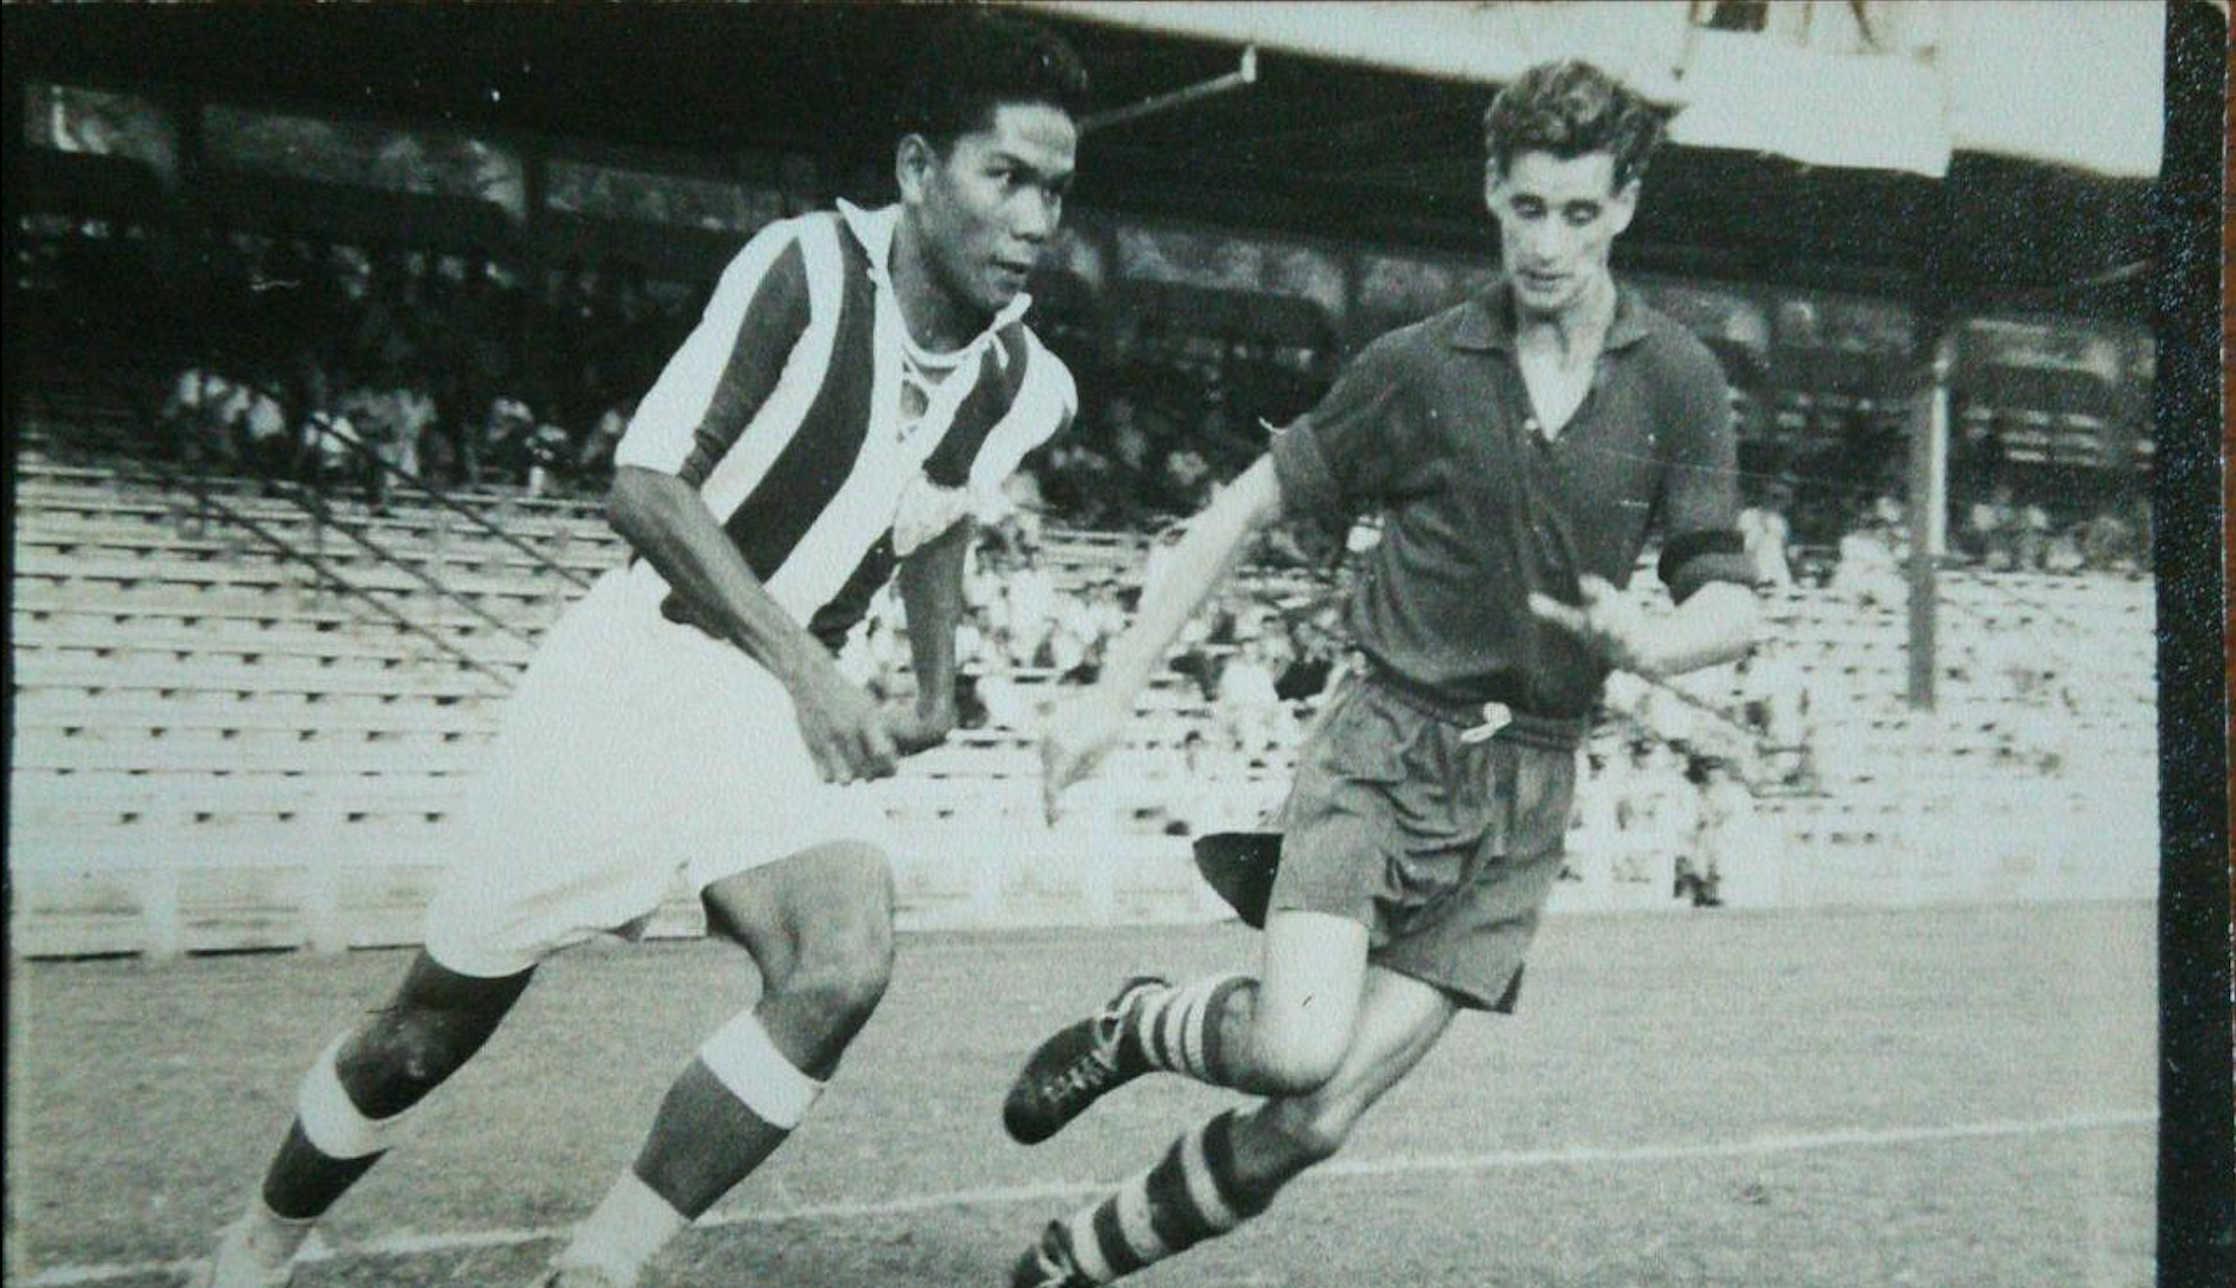 Abdul Ghani Minhat: Raja Bola Yang Menarik Minat Naib Juara European Cup 1960